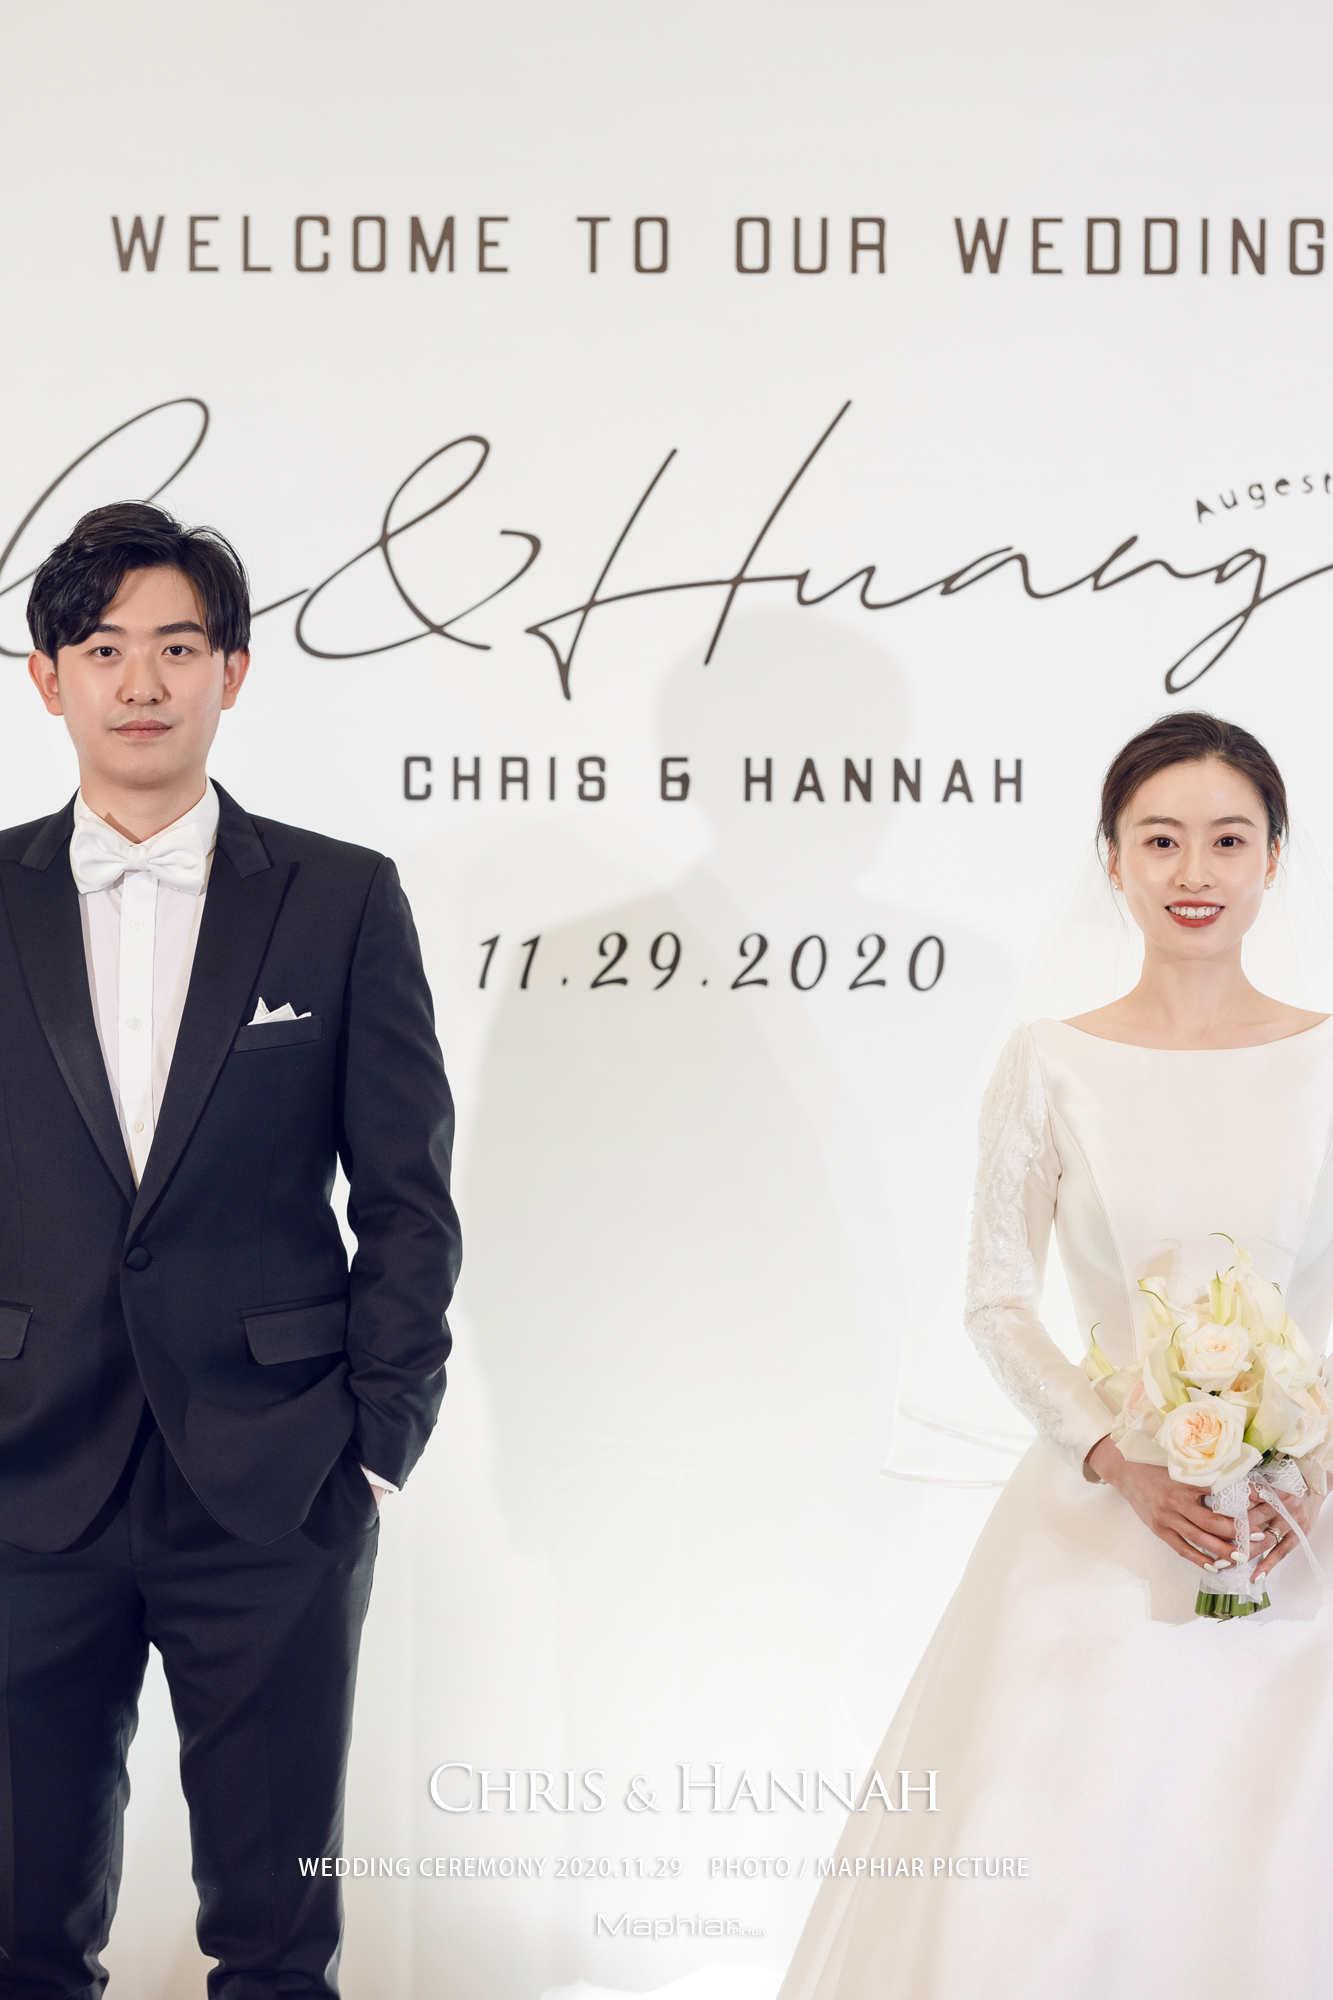 CHRIS & HANNAH · 山西婚礼